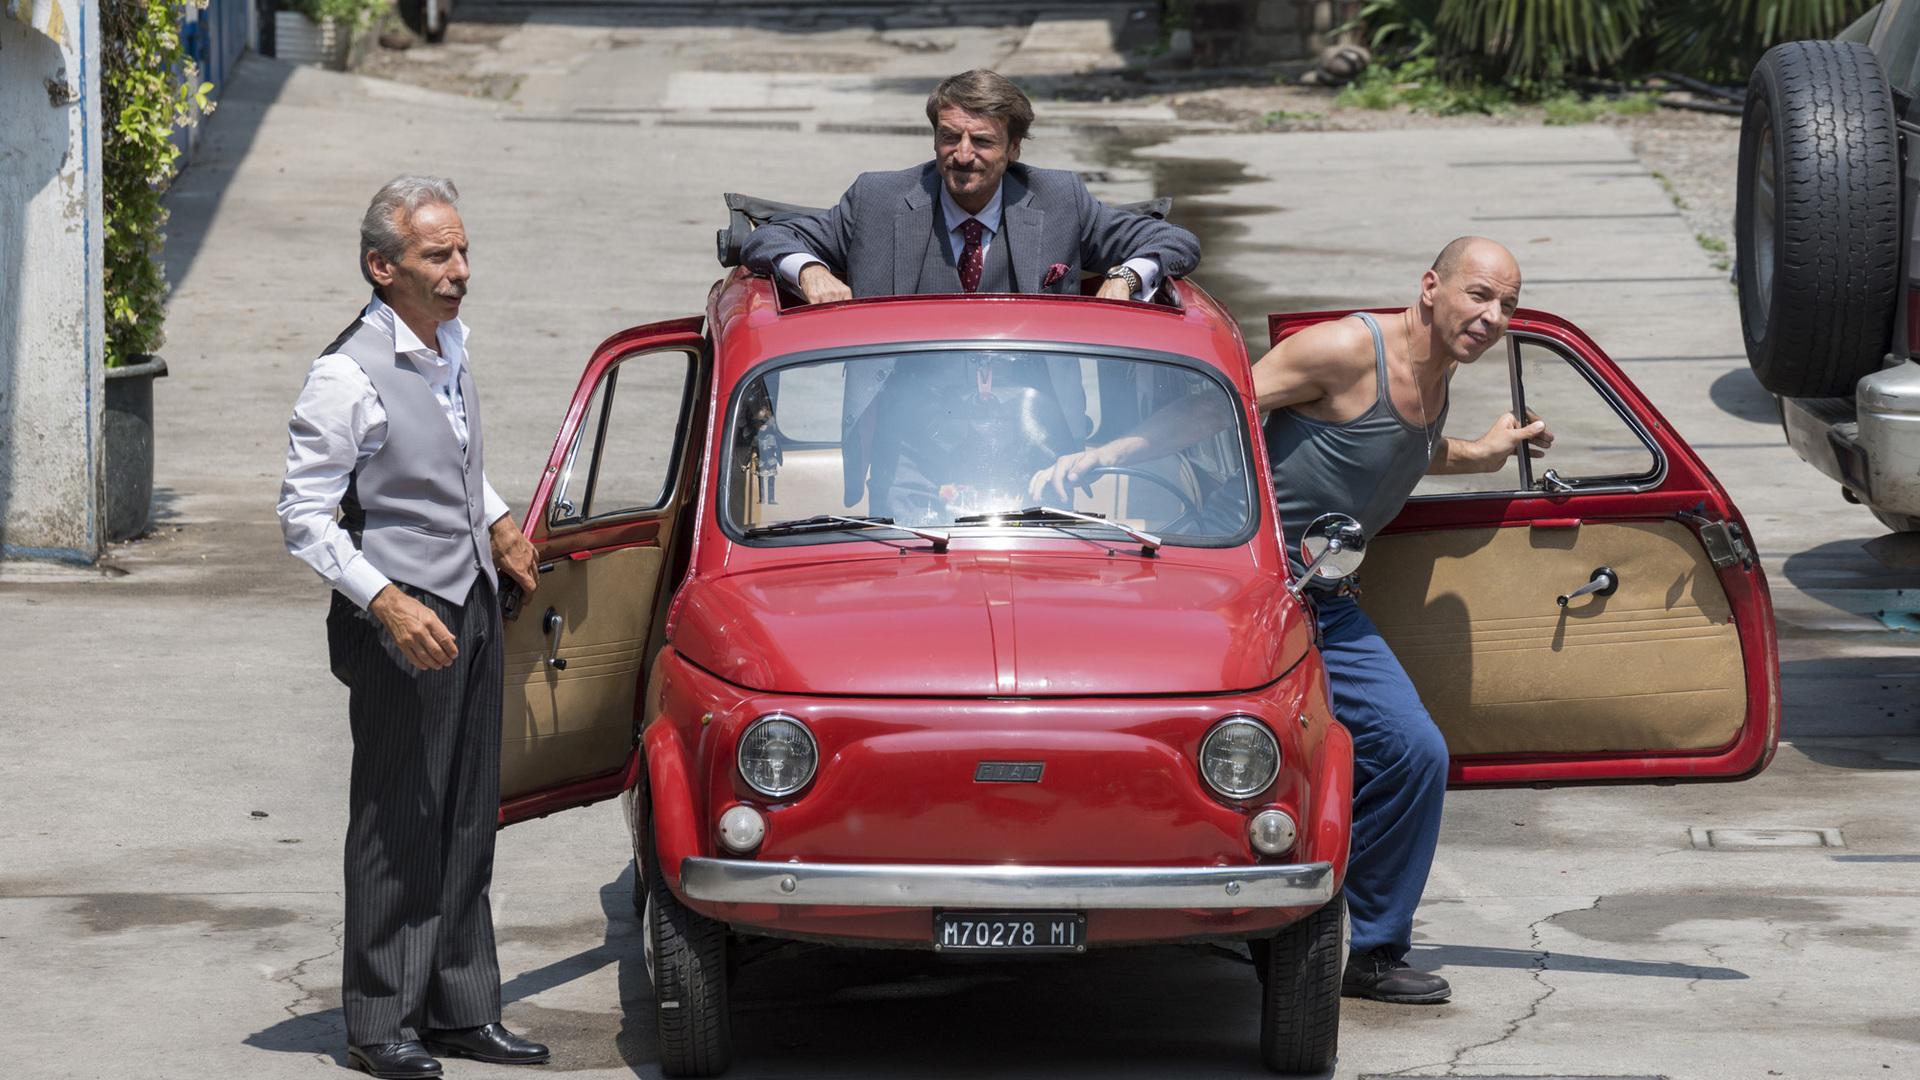 Aldo Baglio, Giacomo Poretti, and Giovanni Storti in Il ricco, il povero e il maggiordomo (2014)